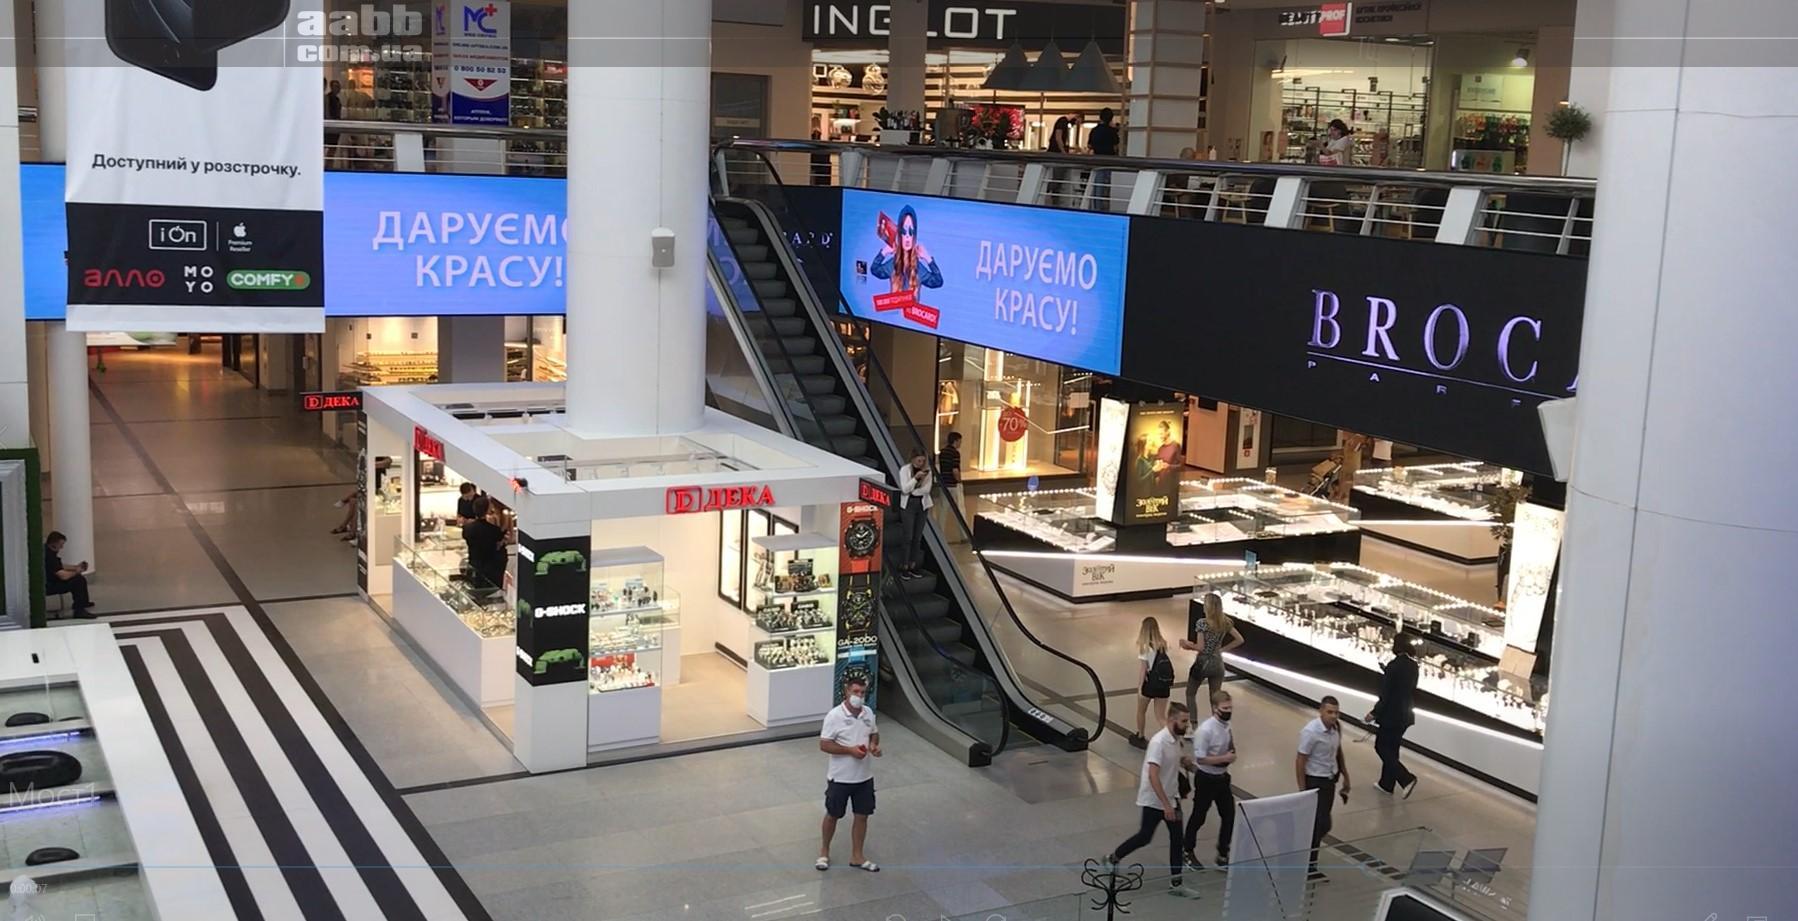 Реклама Брокард на внутрішньому медіафасаді ТРЦ Мост-сіті